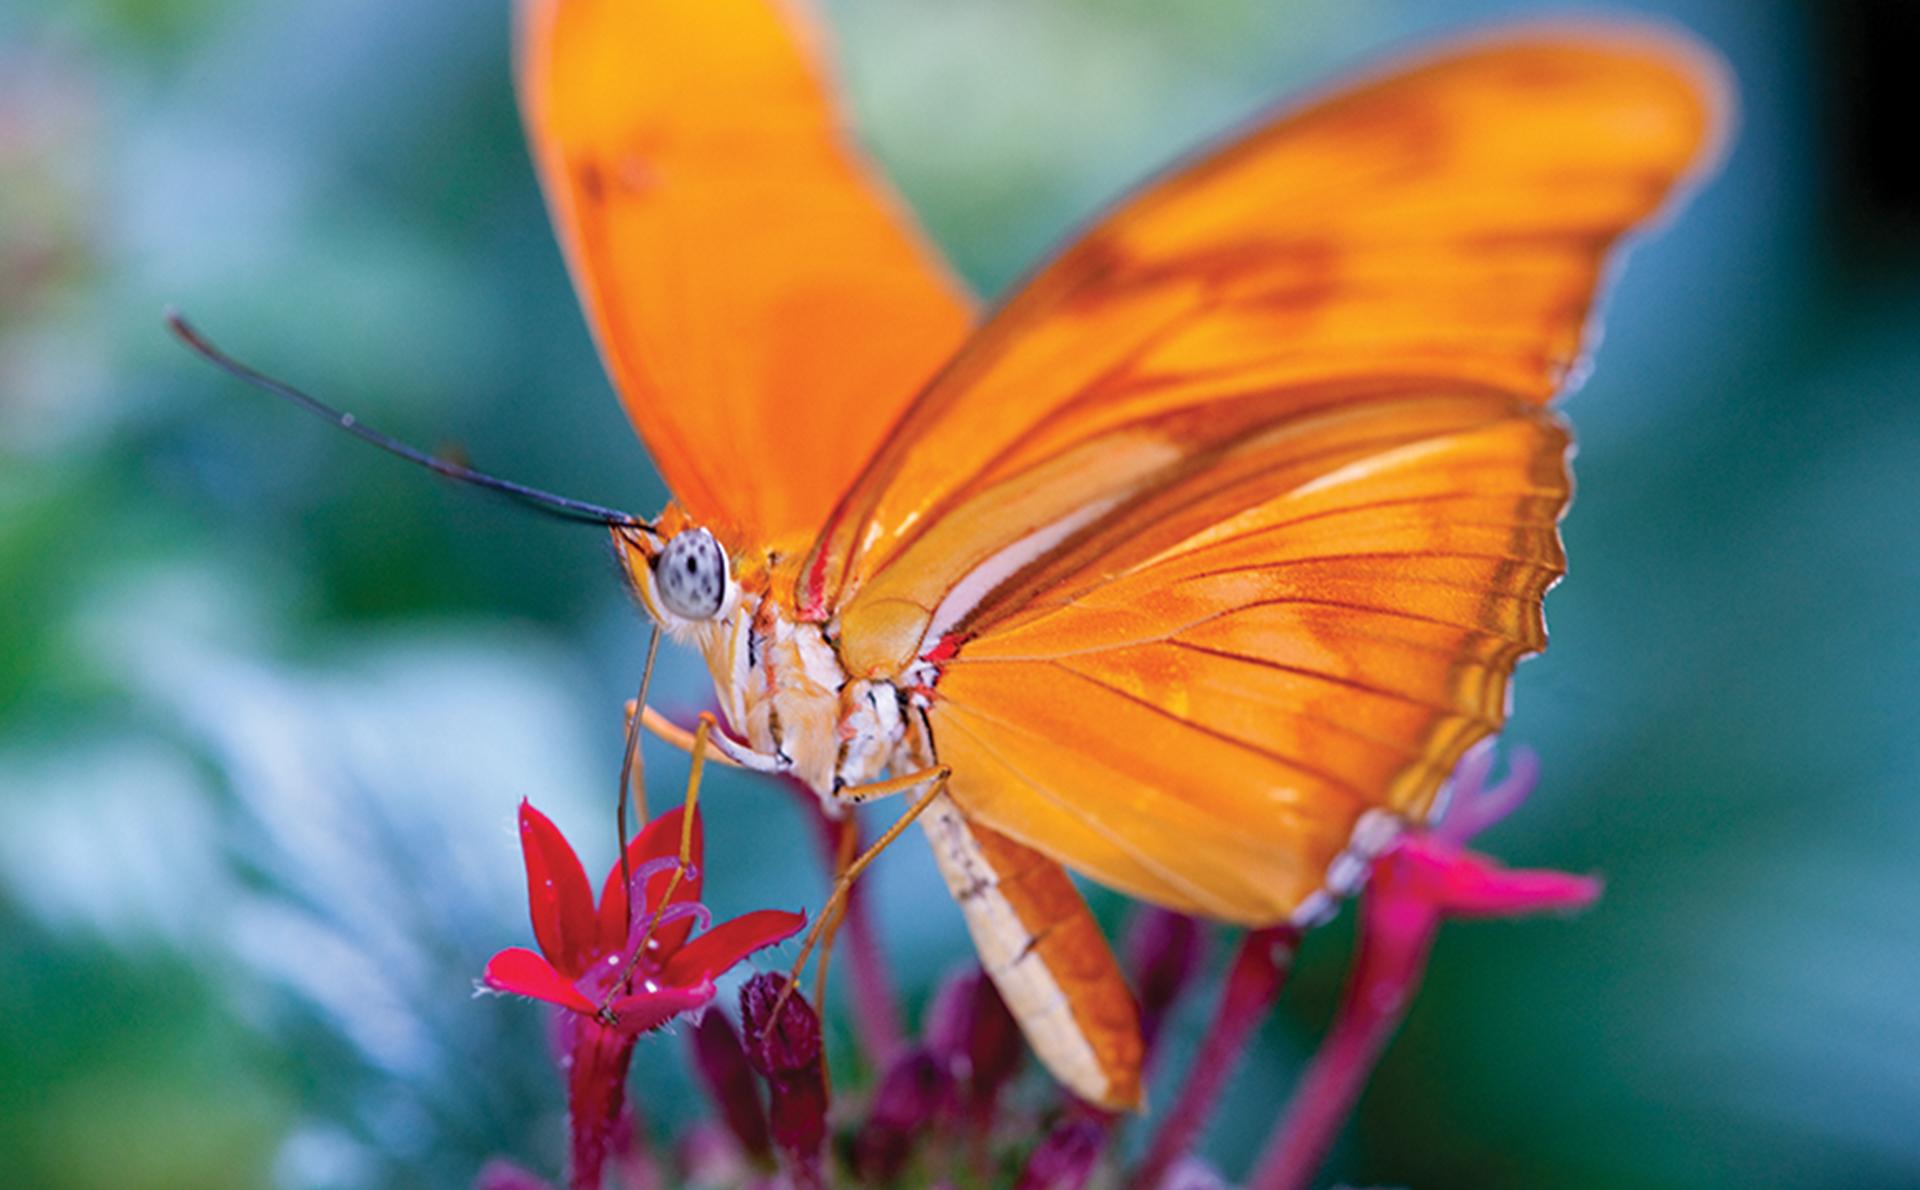 Hình ảnh bướm màu da cam rất đẹp